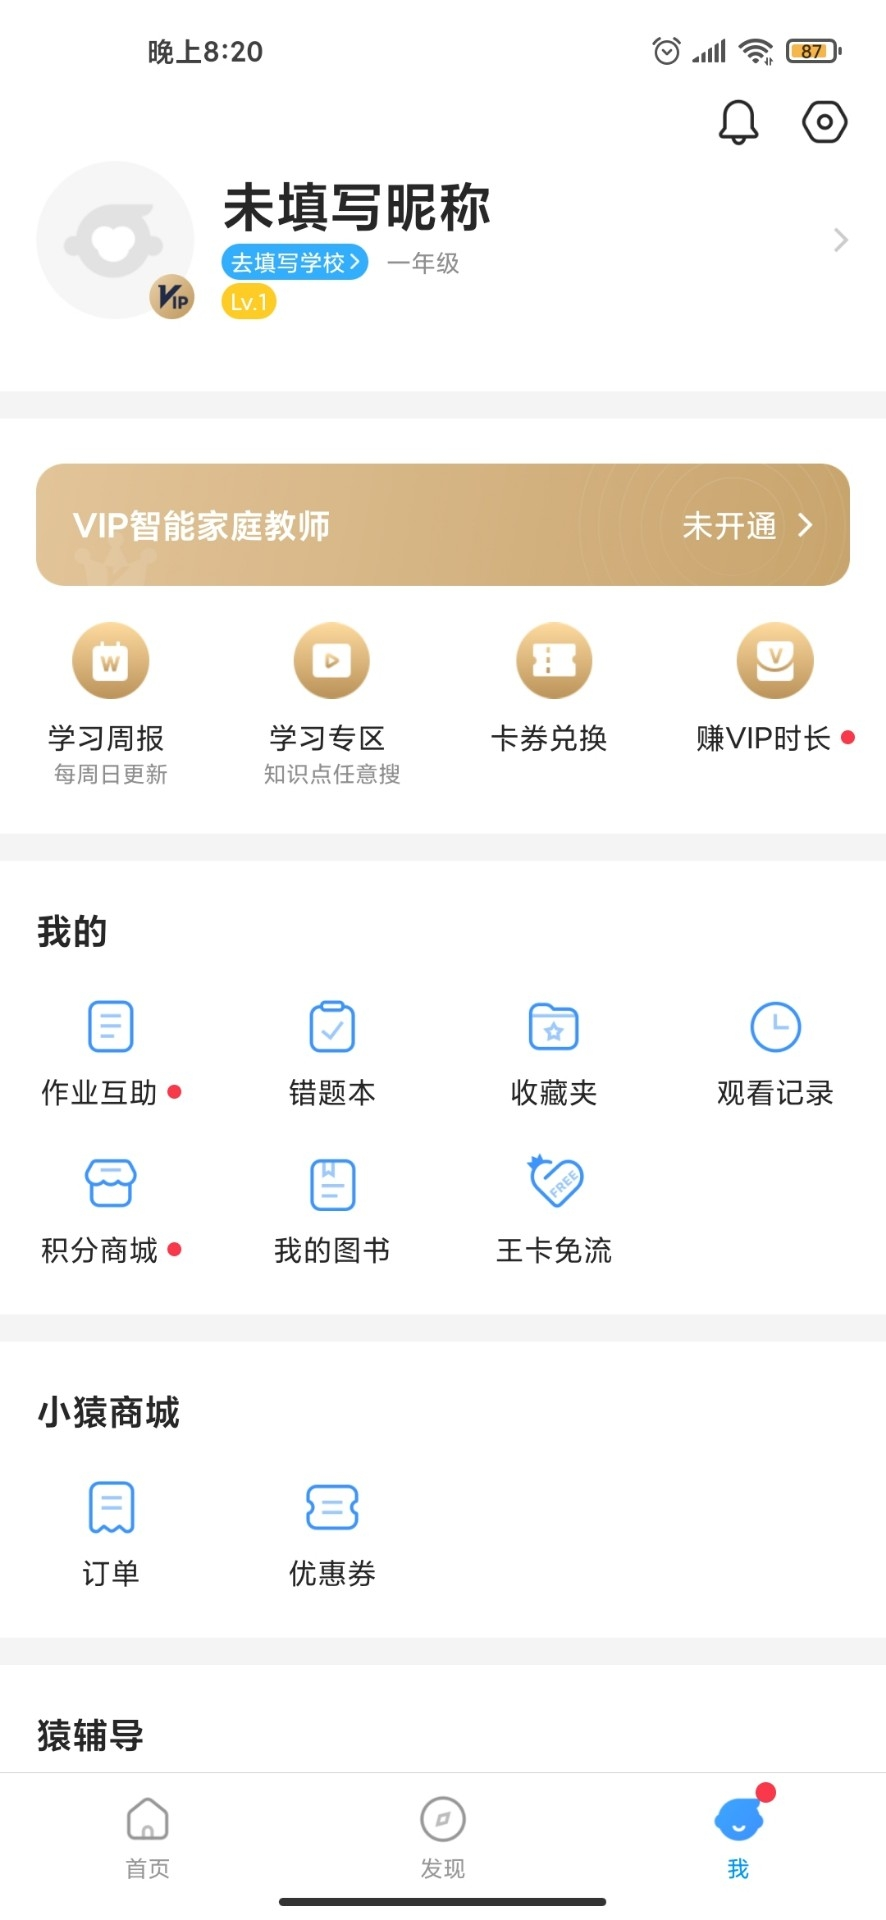 【分享】小猿搜题9.6.1 登录即是会员